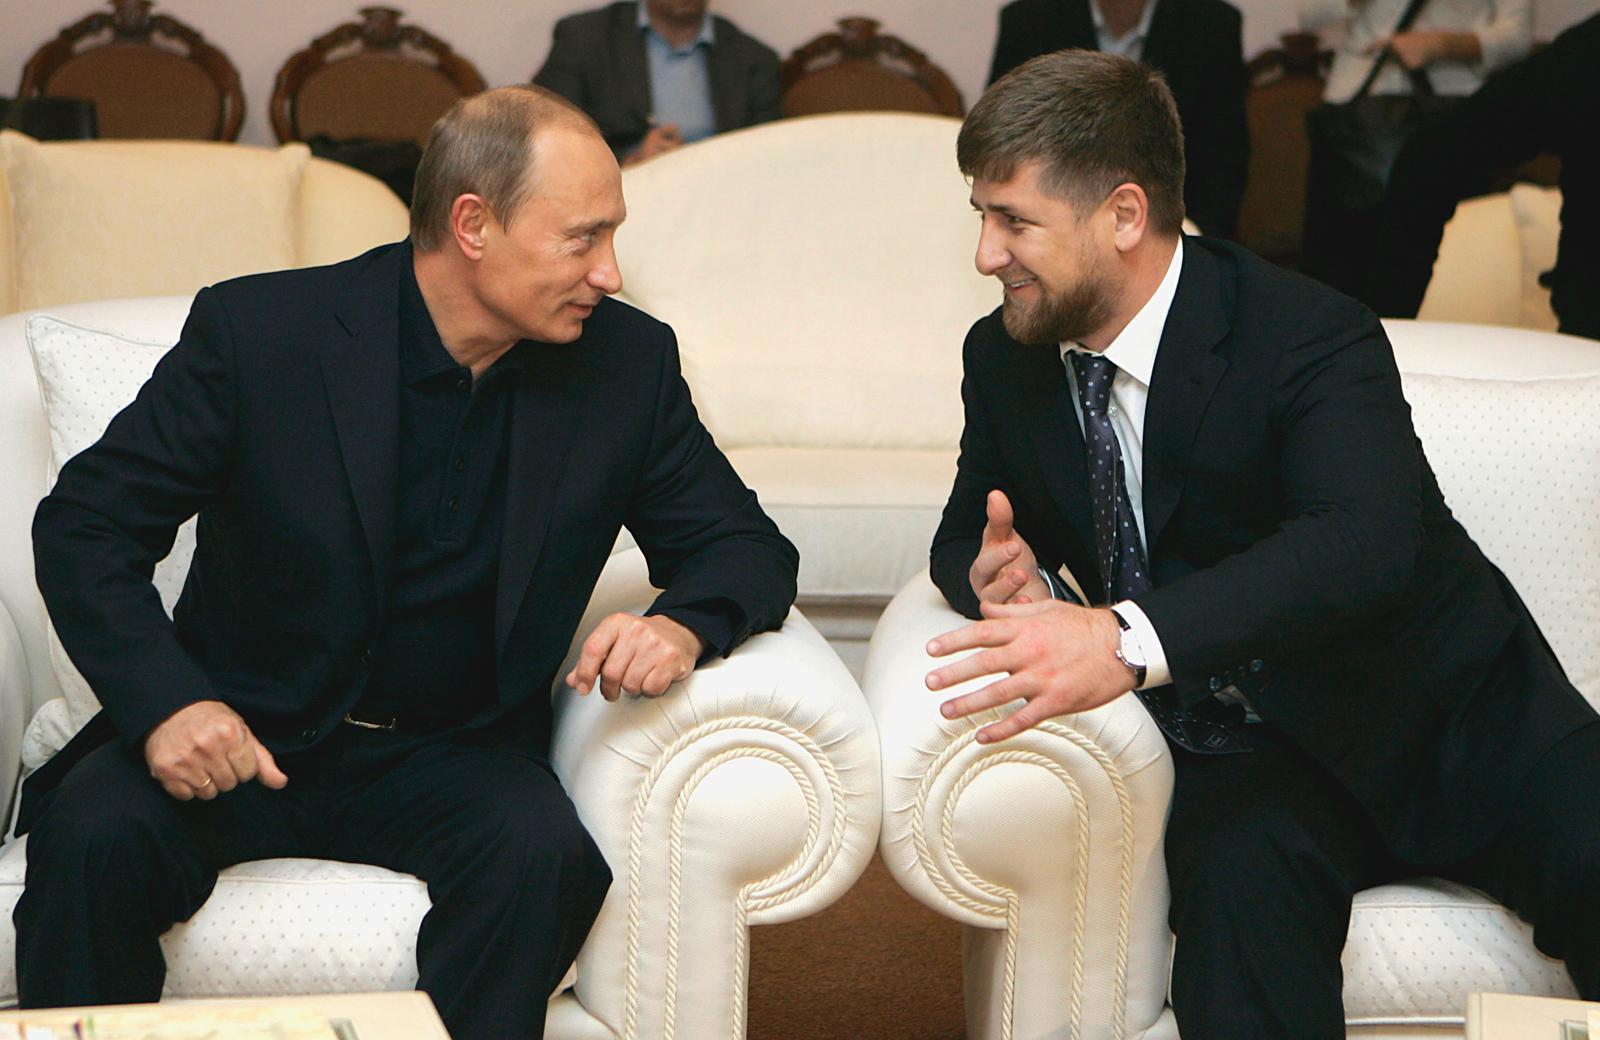 Çeçen lider Kadirov'a suikast girişimi